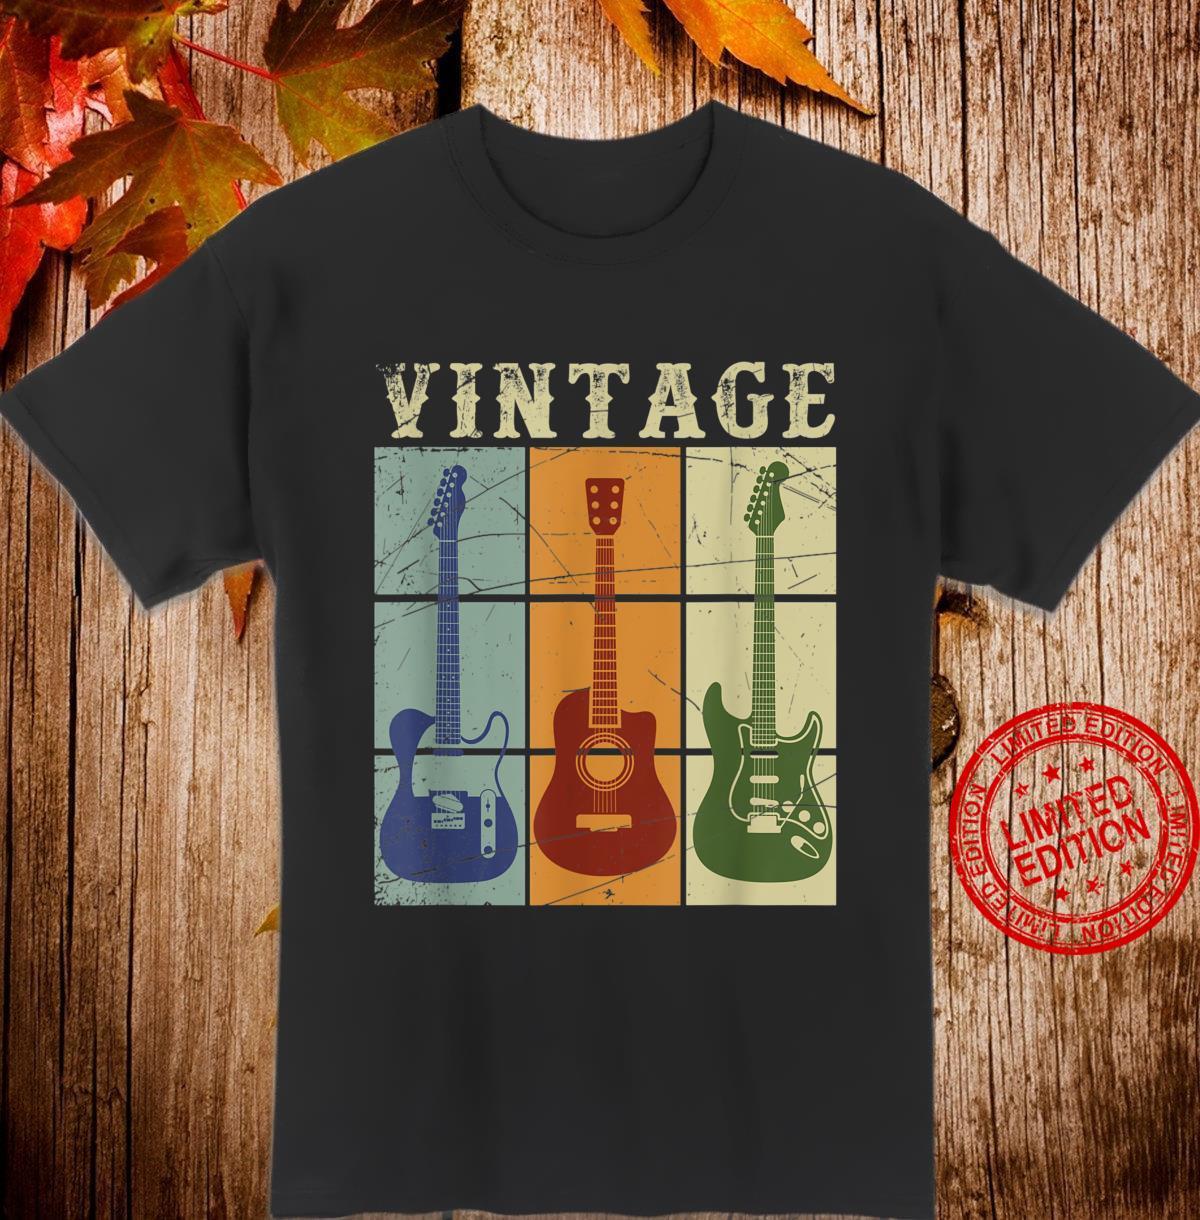 Musical Instrument Guitarist Musician Guitar Shirt